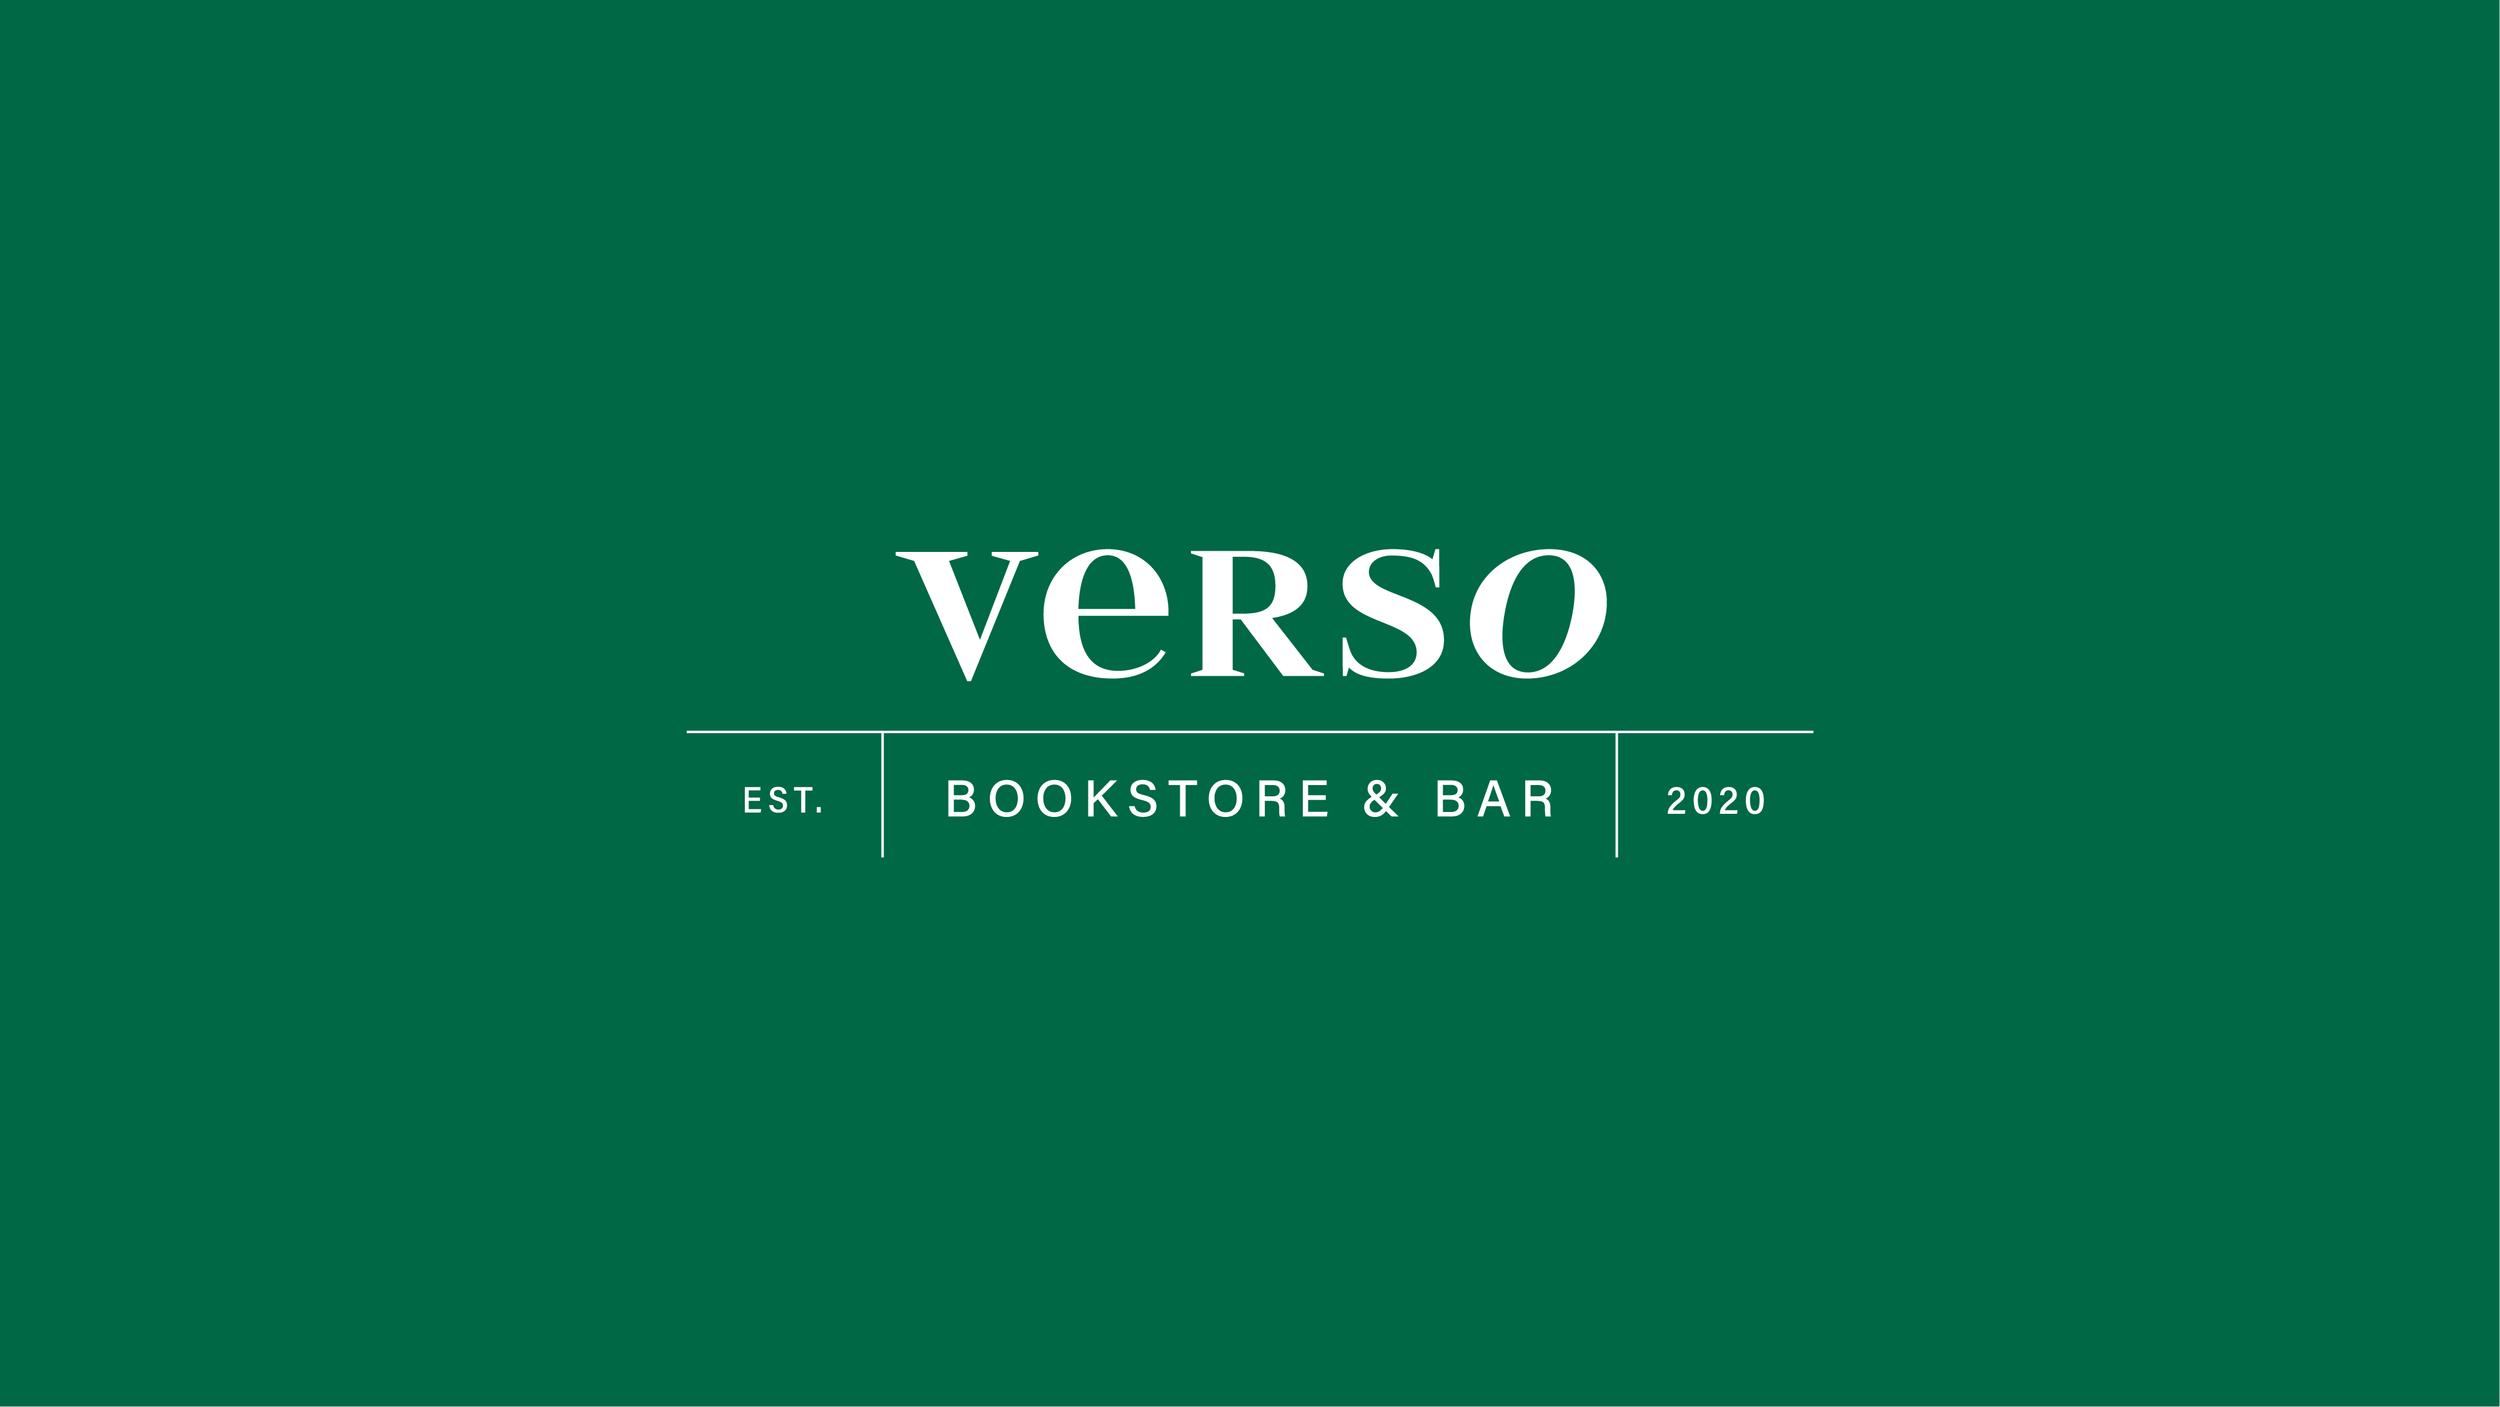 Verso_FullLogo-04.png